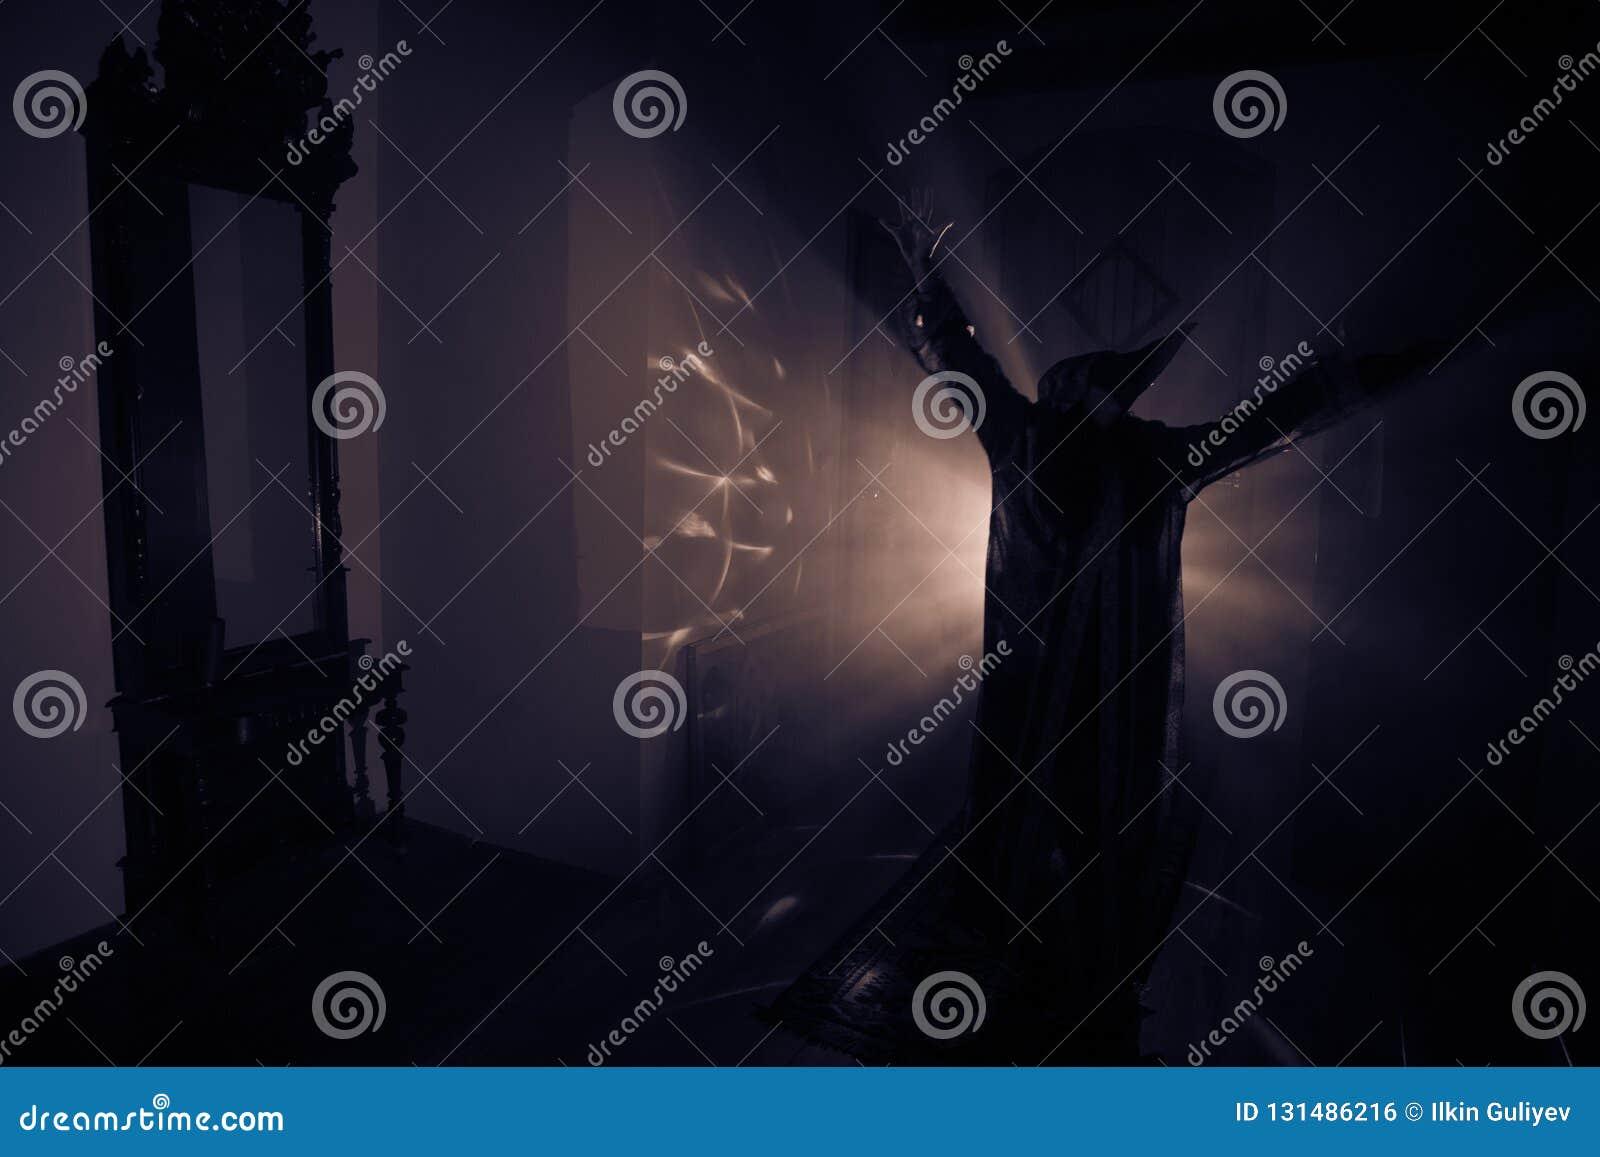 Horror sylwetka duch wśrodku ciemnego pokoju z lustrem Straszny Halloween pojęcie Sylwetka czarownica wśrodku nawiedzającego domu